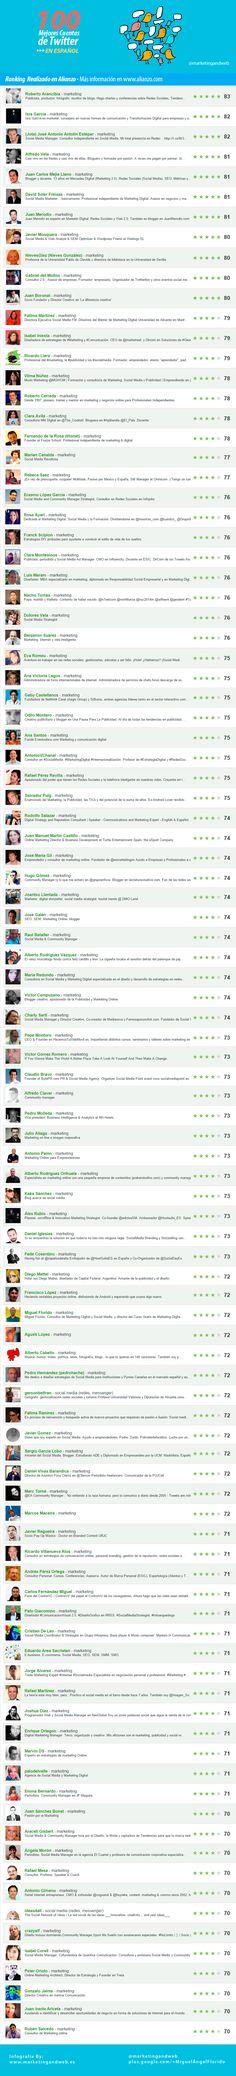 100 Mejores Cuentas de Twitter en Español de Marketing y Social Media. Infografía en español. #CommunityManager